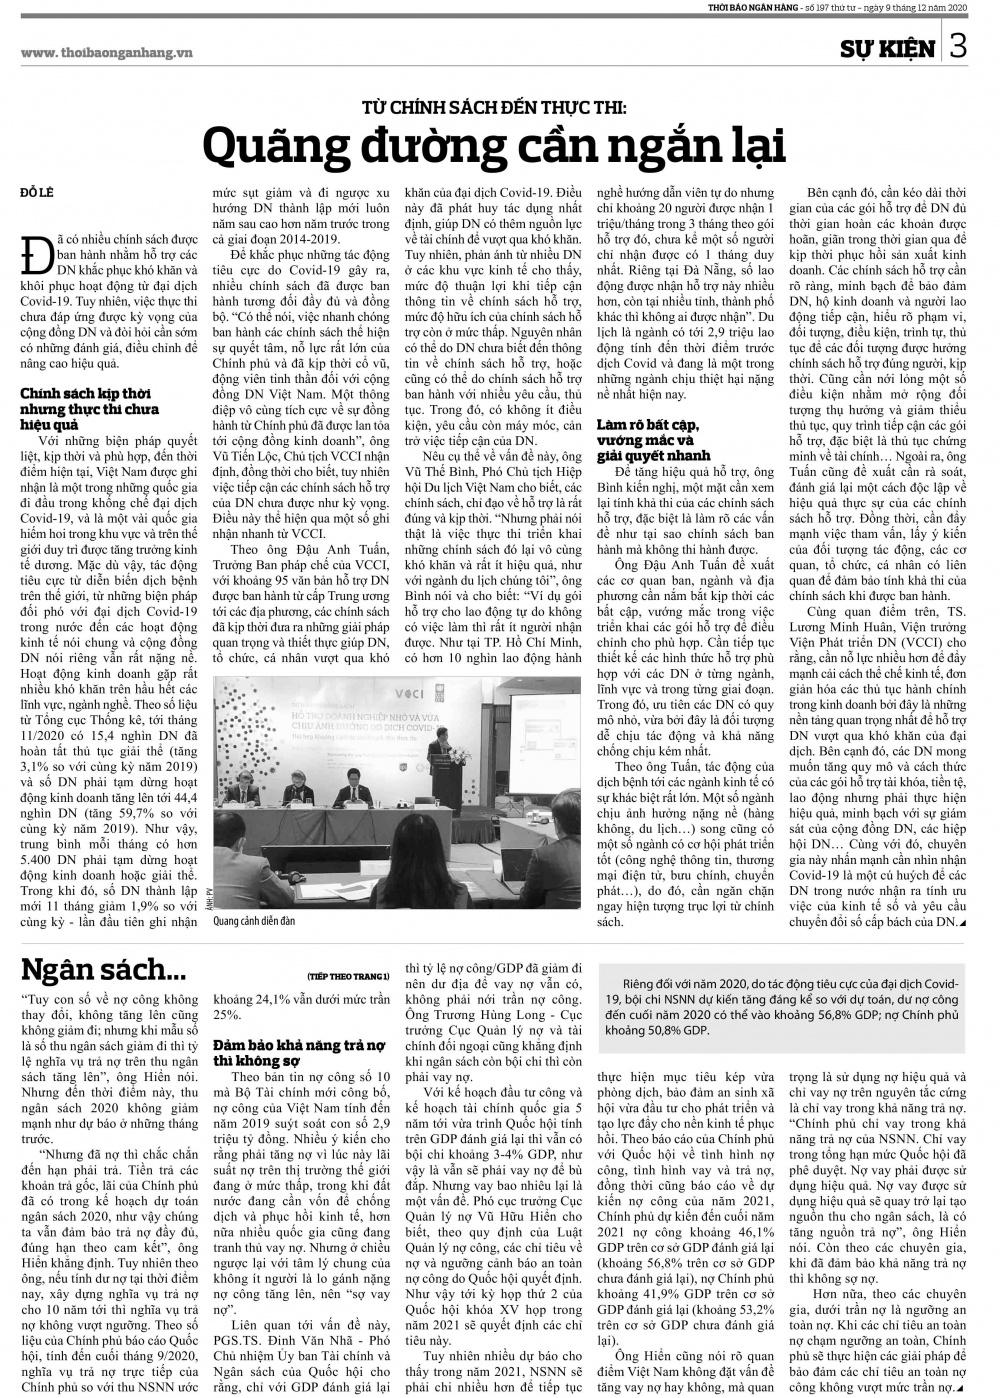 Trang 3